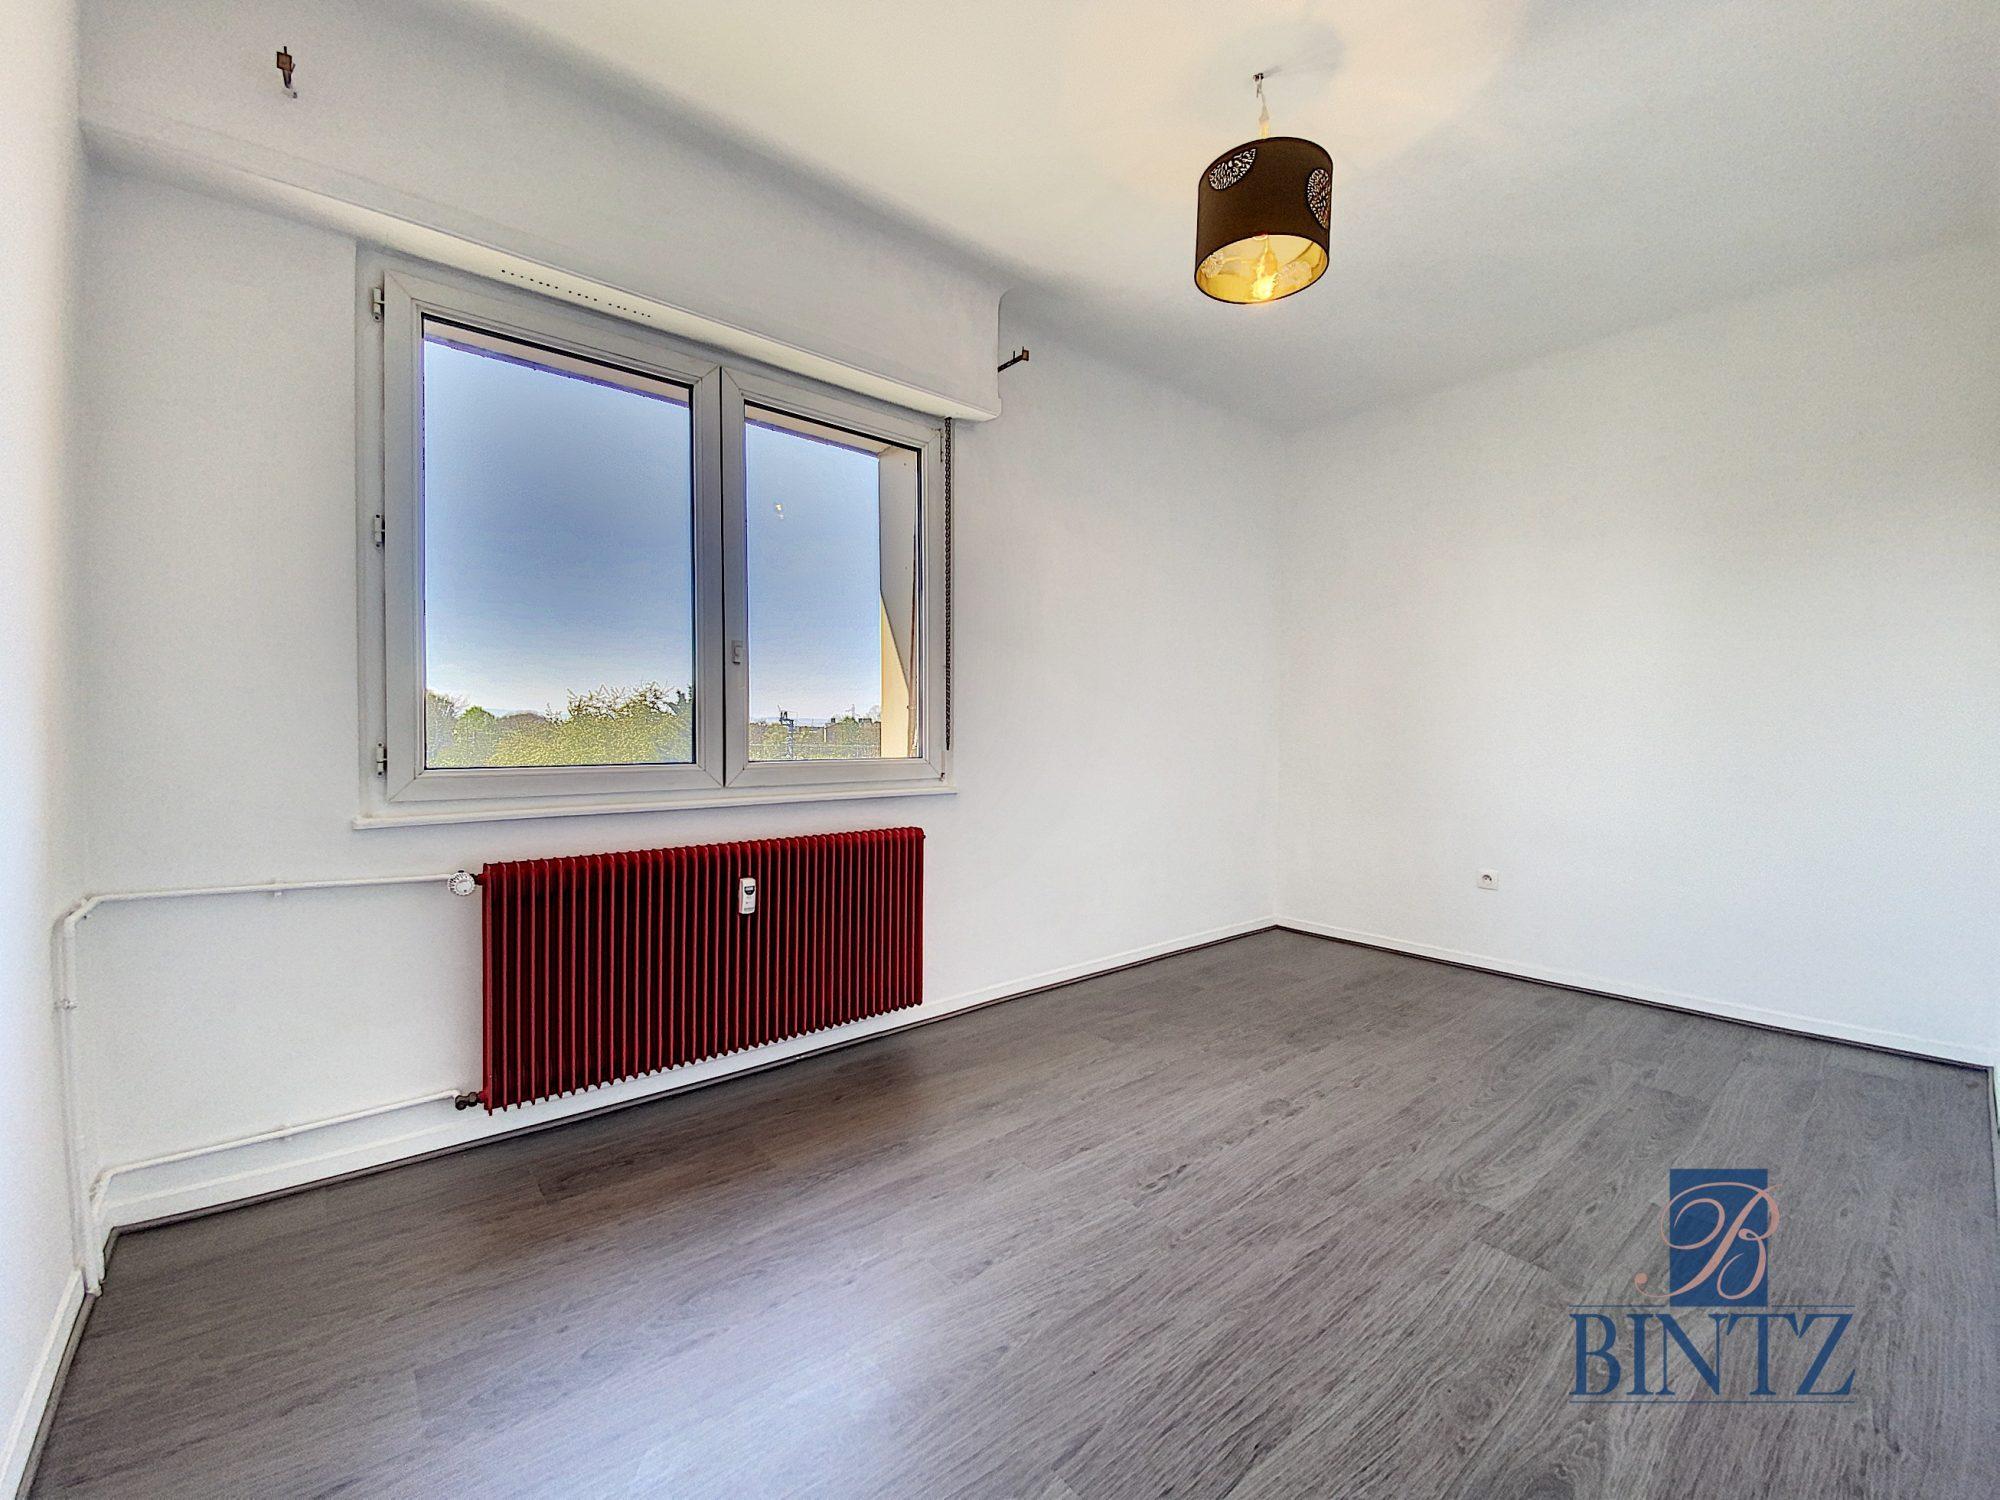 3P MONTAGNE VERTE - Devenez locataire en toute sérénité - Bintz Immobilier - 7